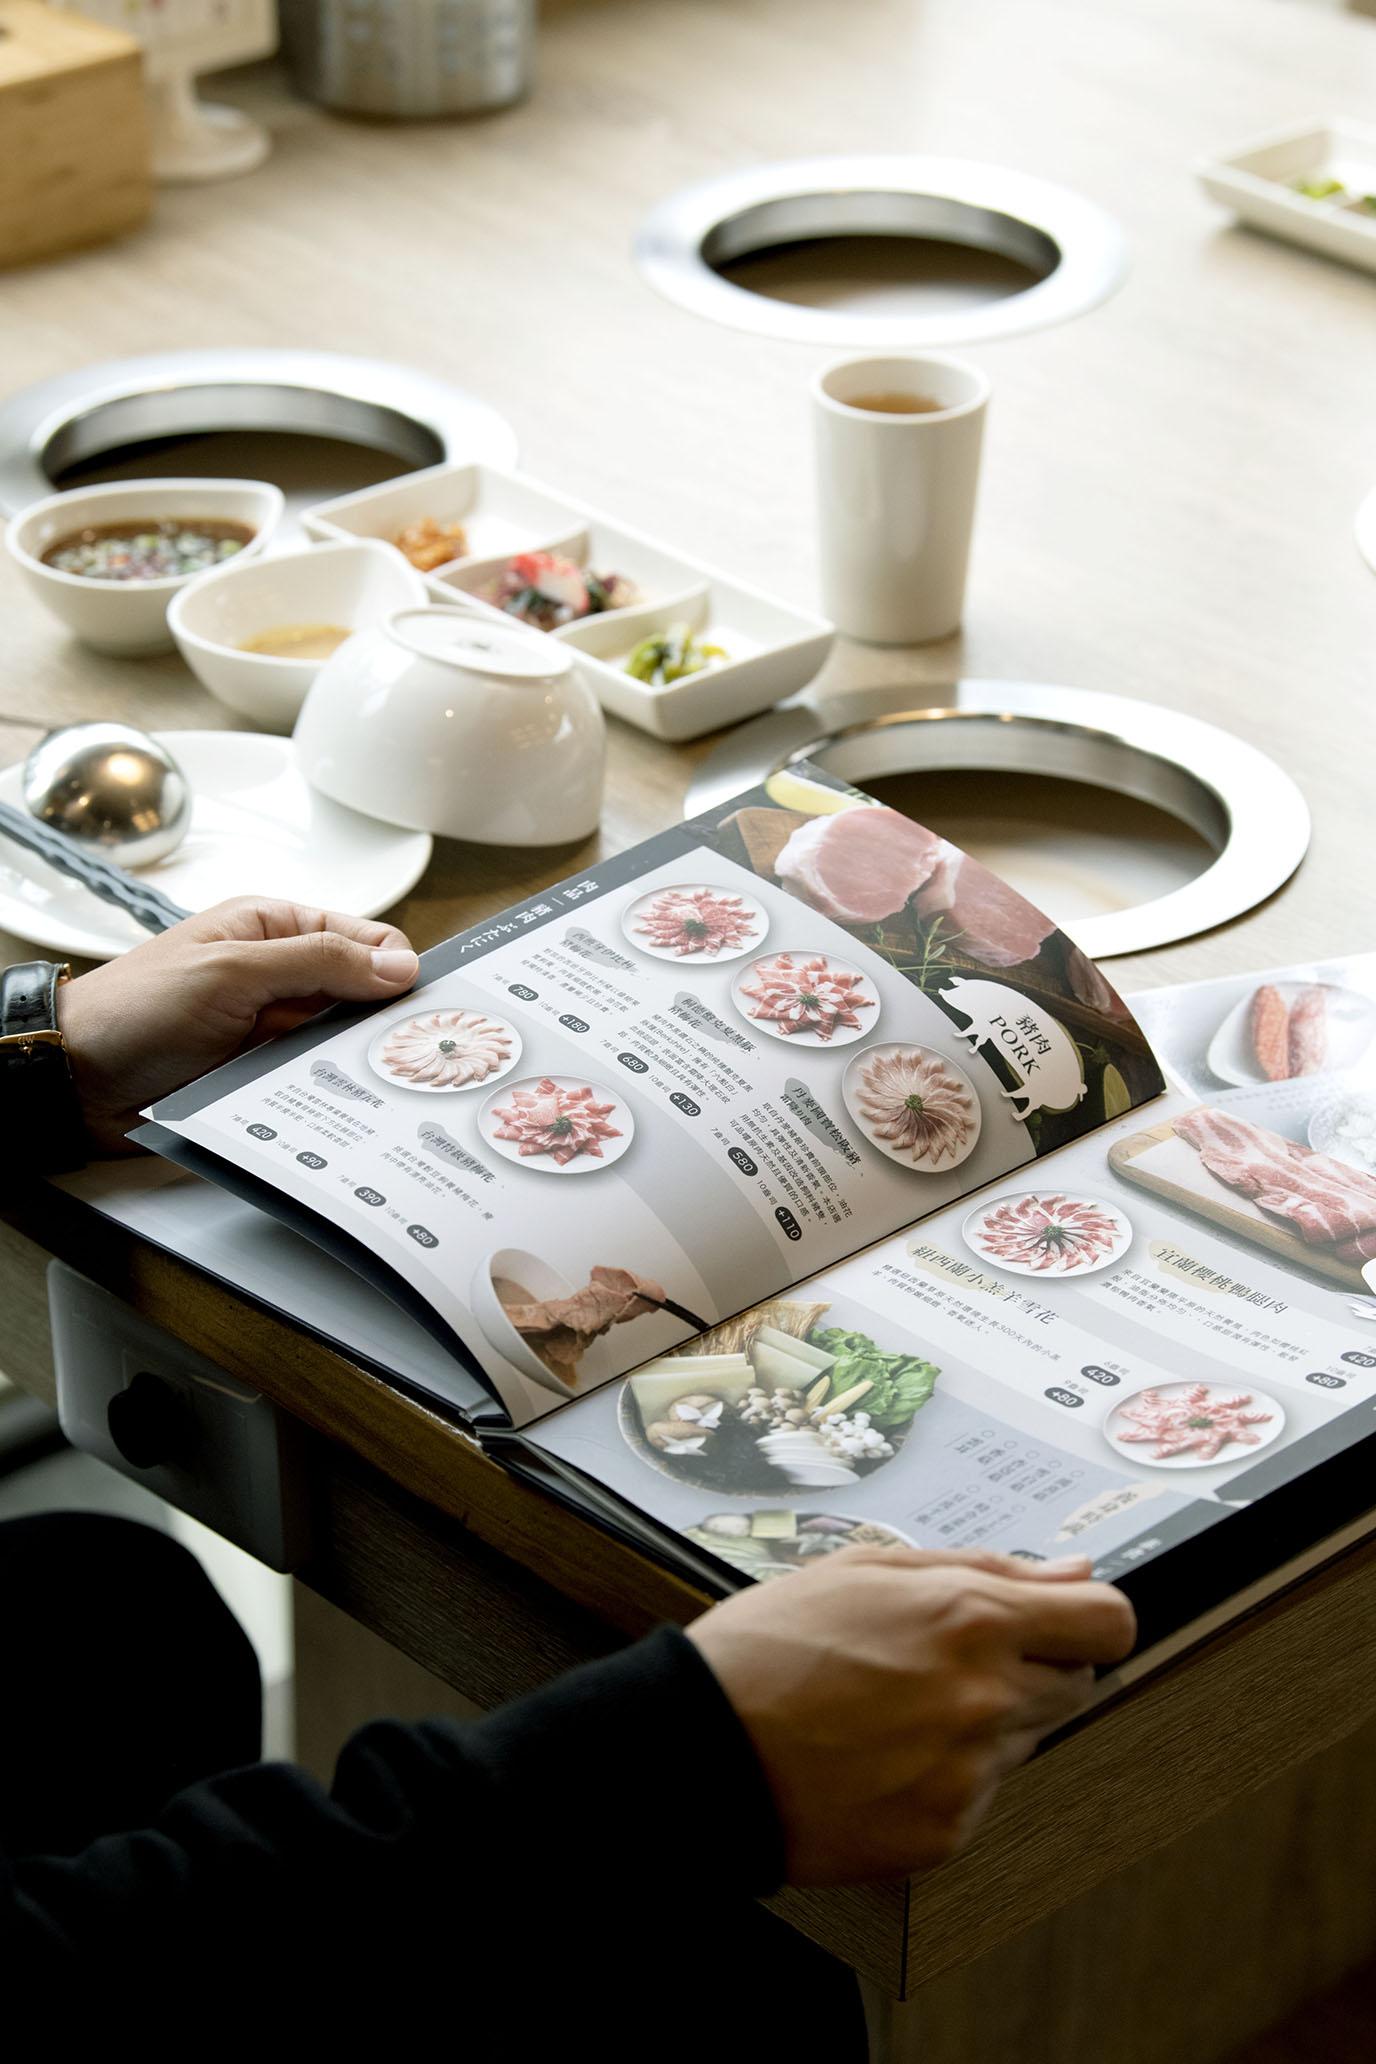 桃園55pot精緻鍋物 清新氛圍,套餐式火鍋舒心合味。